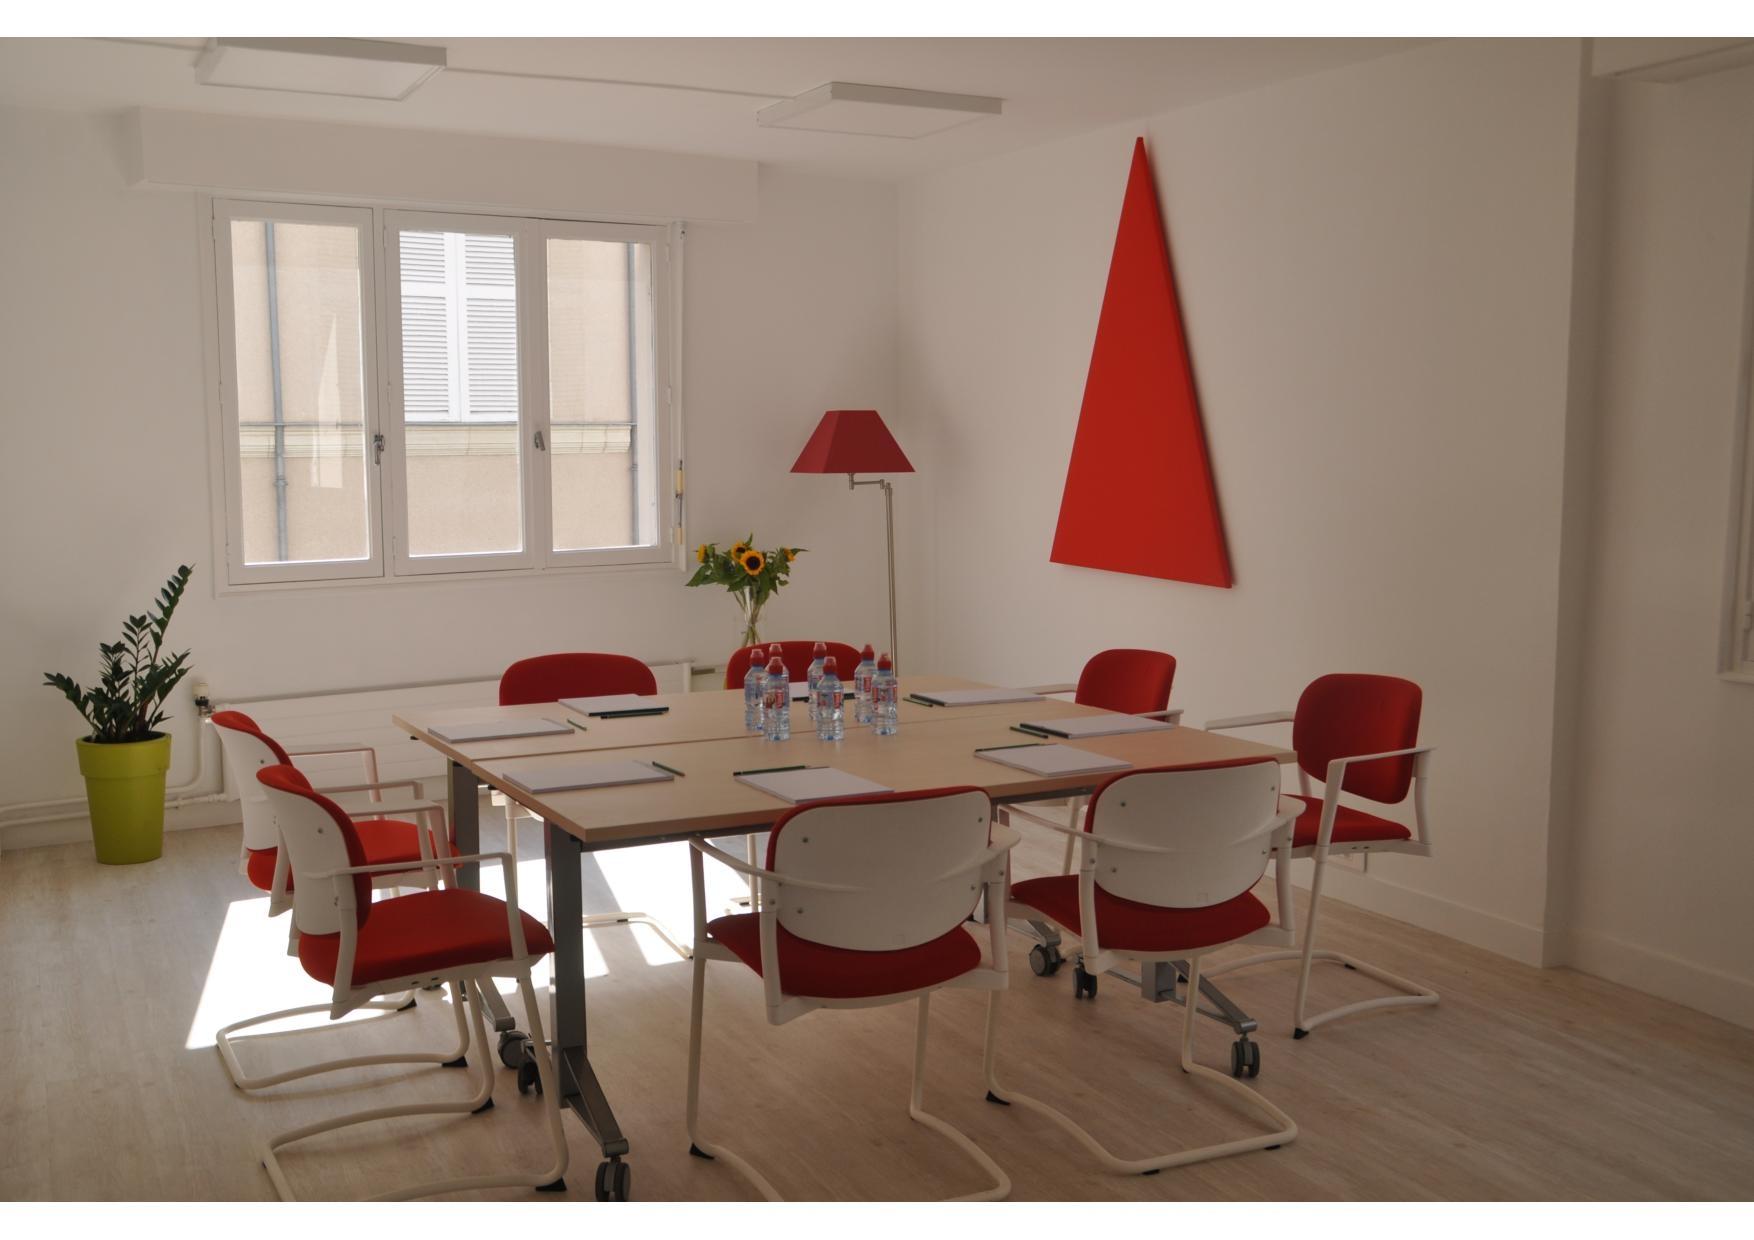 Angers location bureaux locaux reiki feng shui jaune turquoise